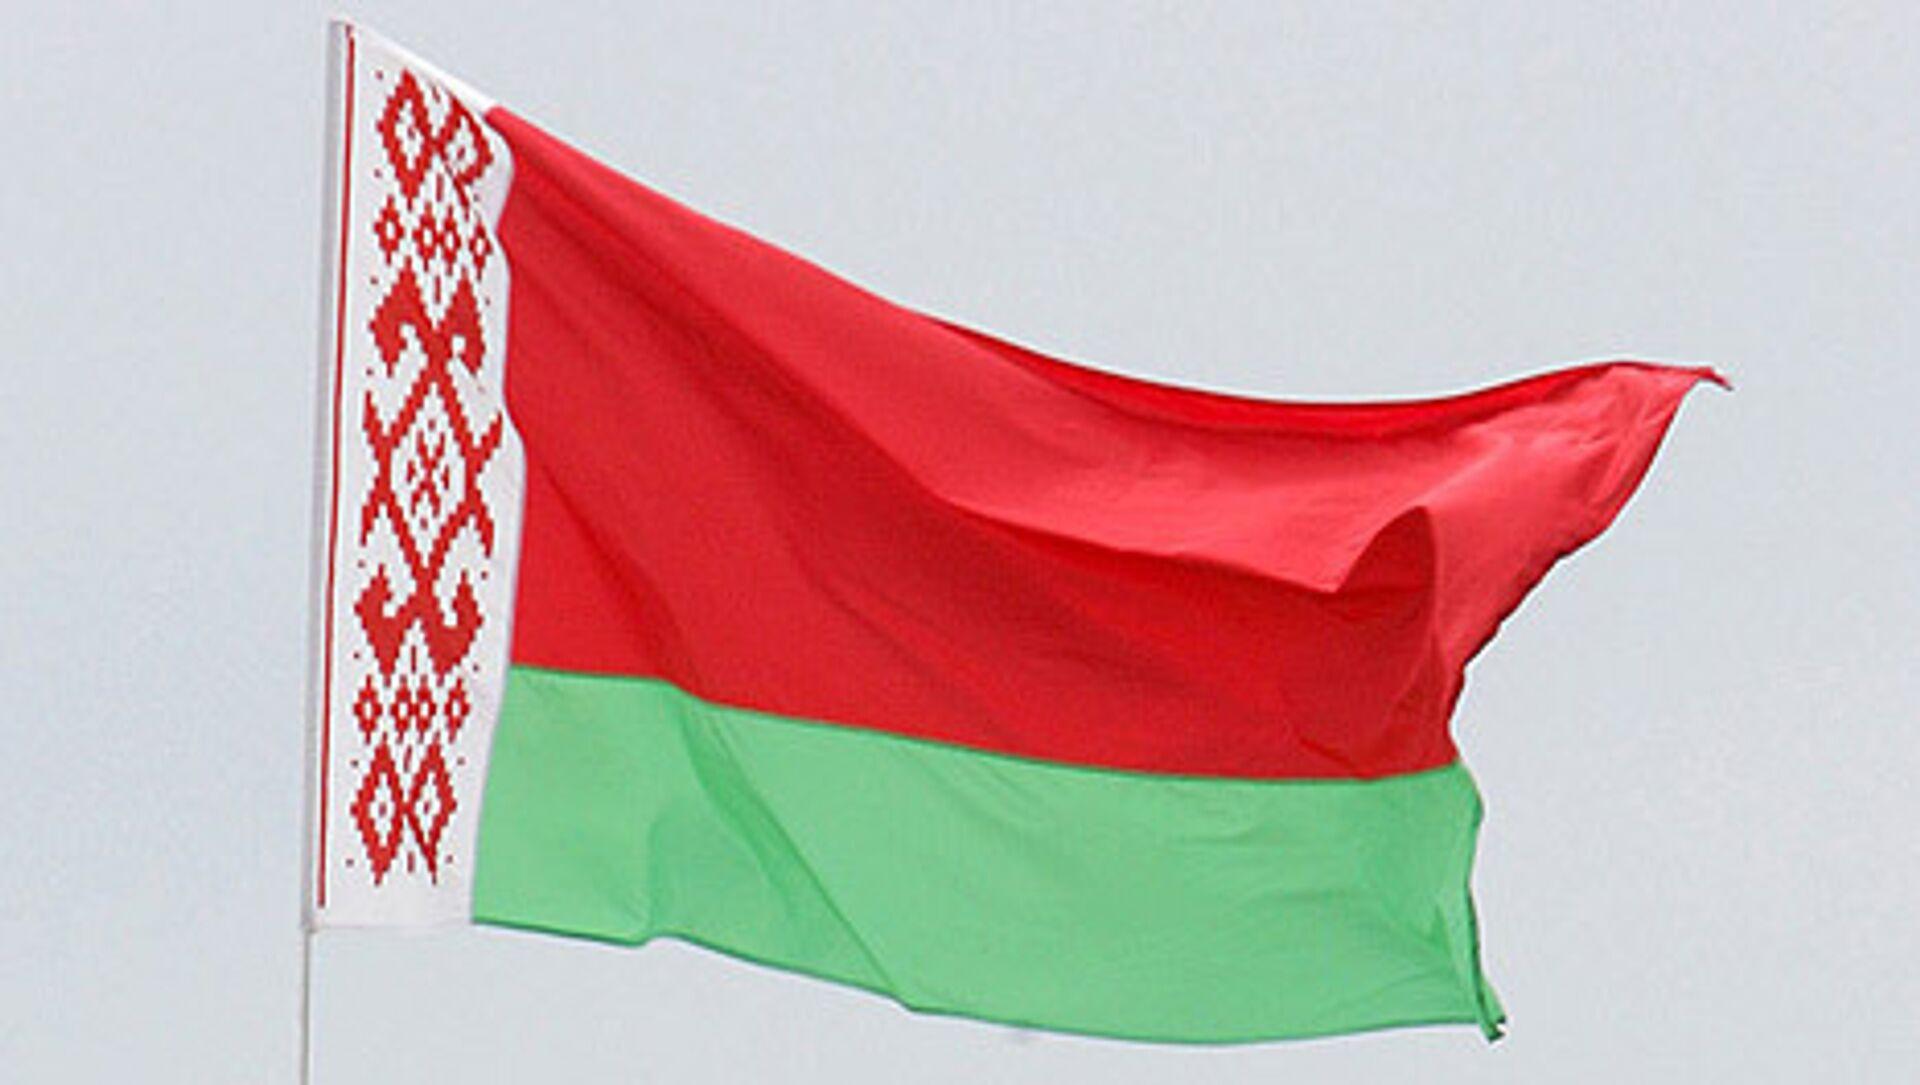 Belarus flag - Sputnik International, 1920, 24.05.2021